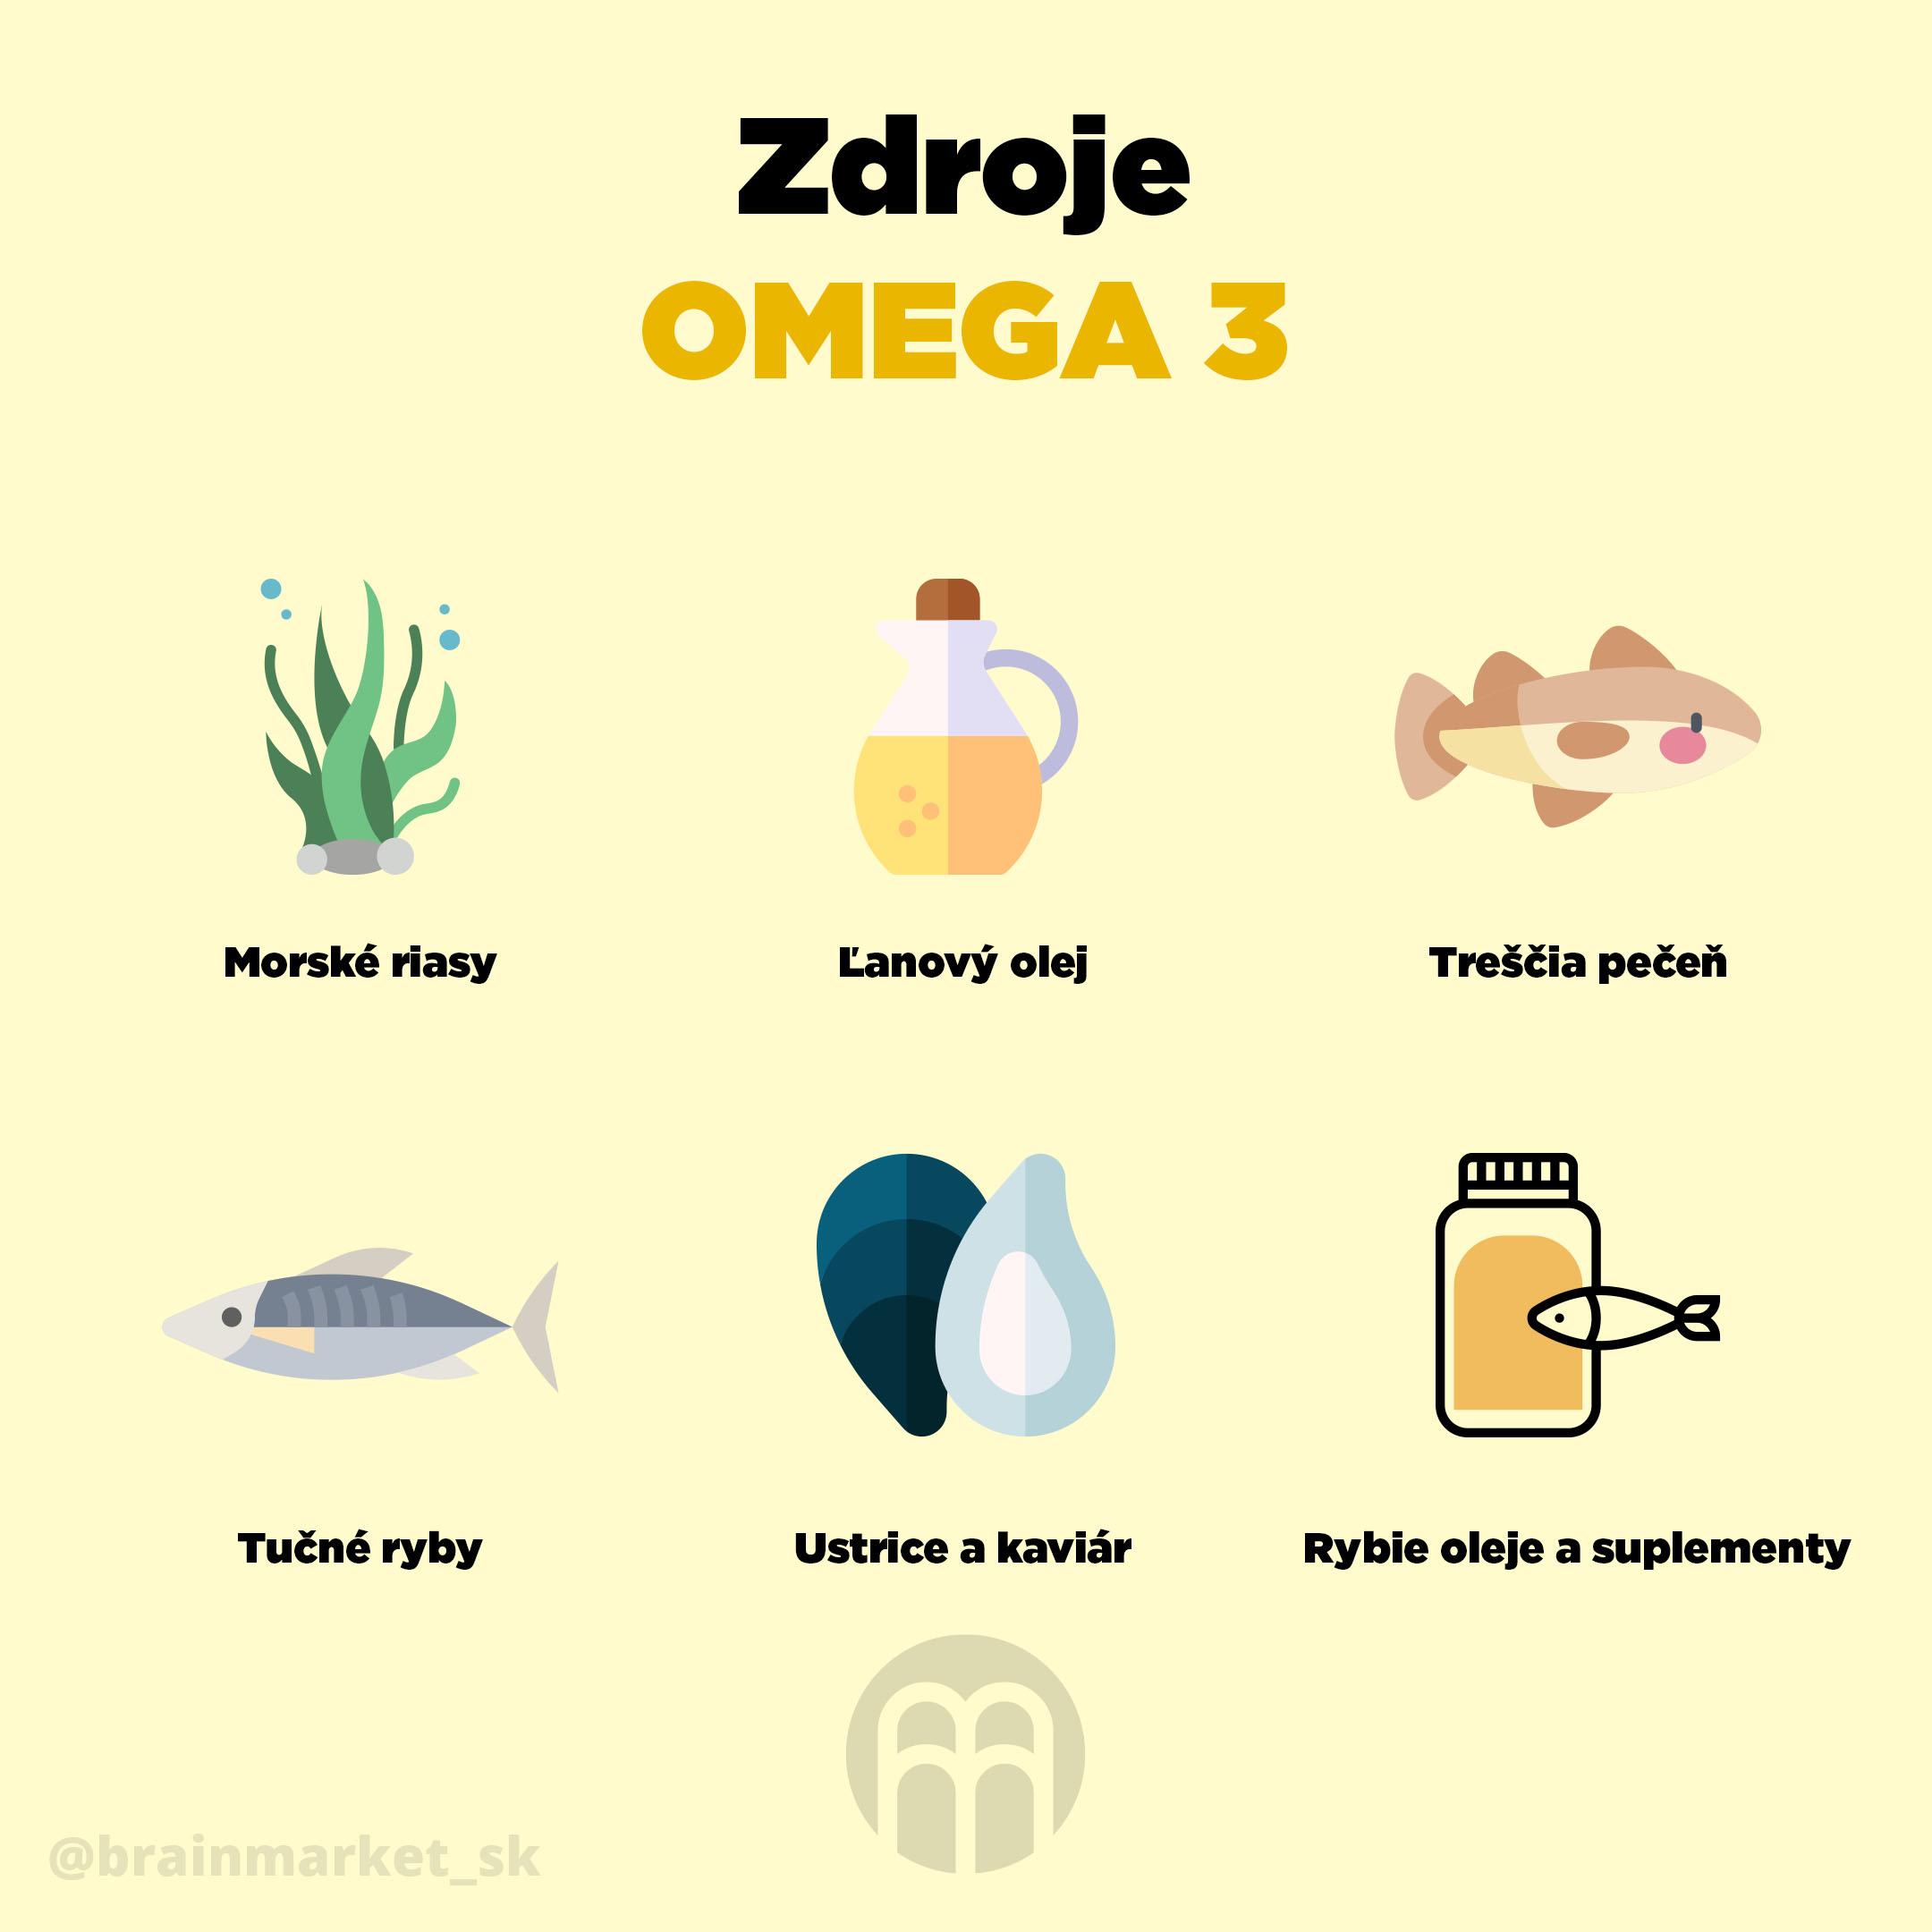 zdroje_omega_3_infografika_brainmarket_SK